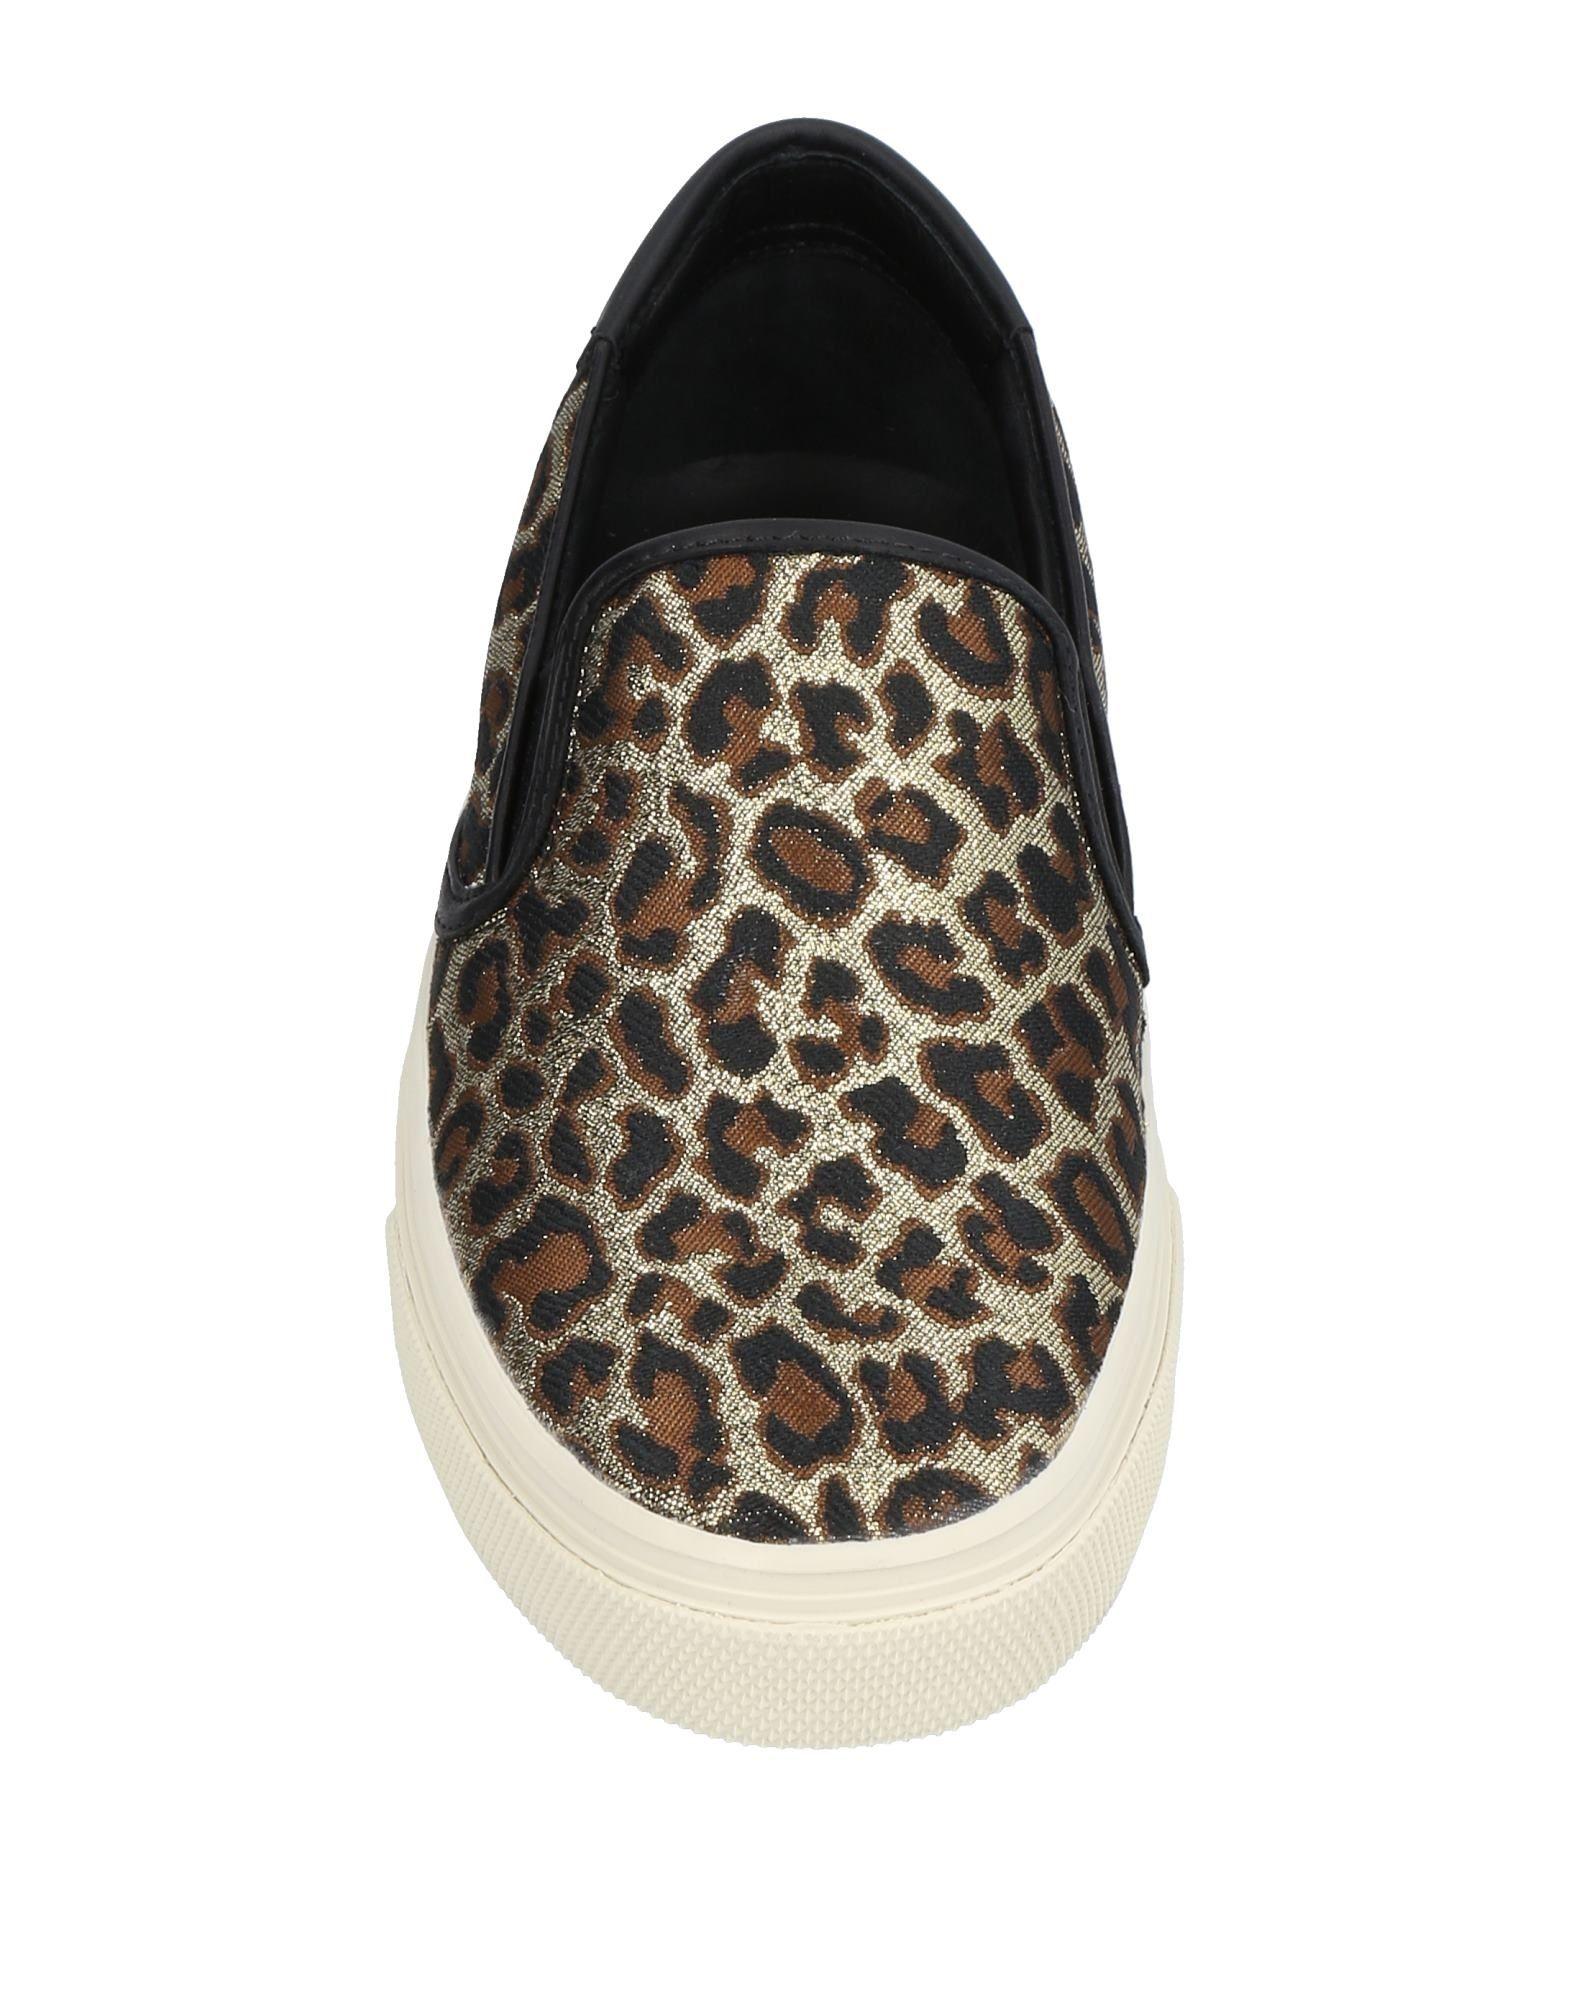 Rabatt Schuhe Sneakers Saint Laurent Sneakers Schuhe Damen  44996483FV 339843